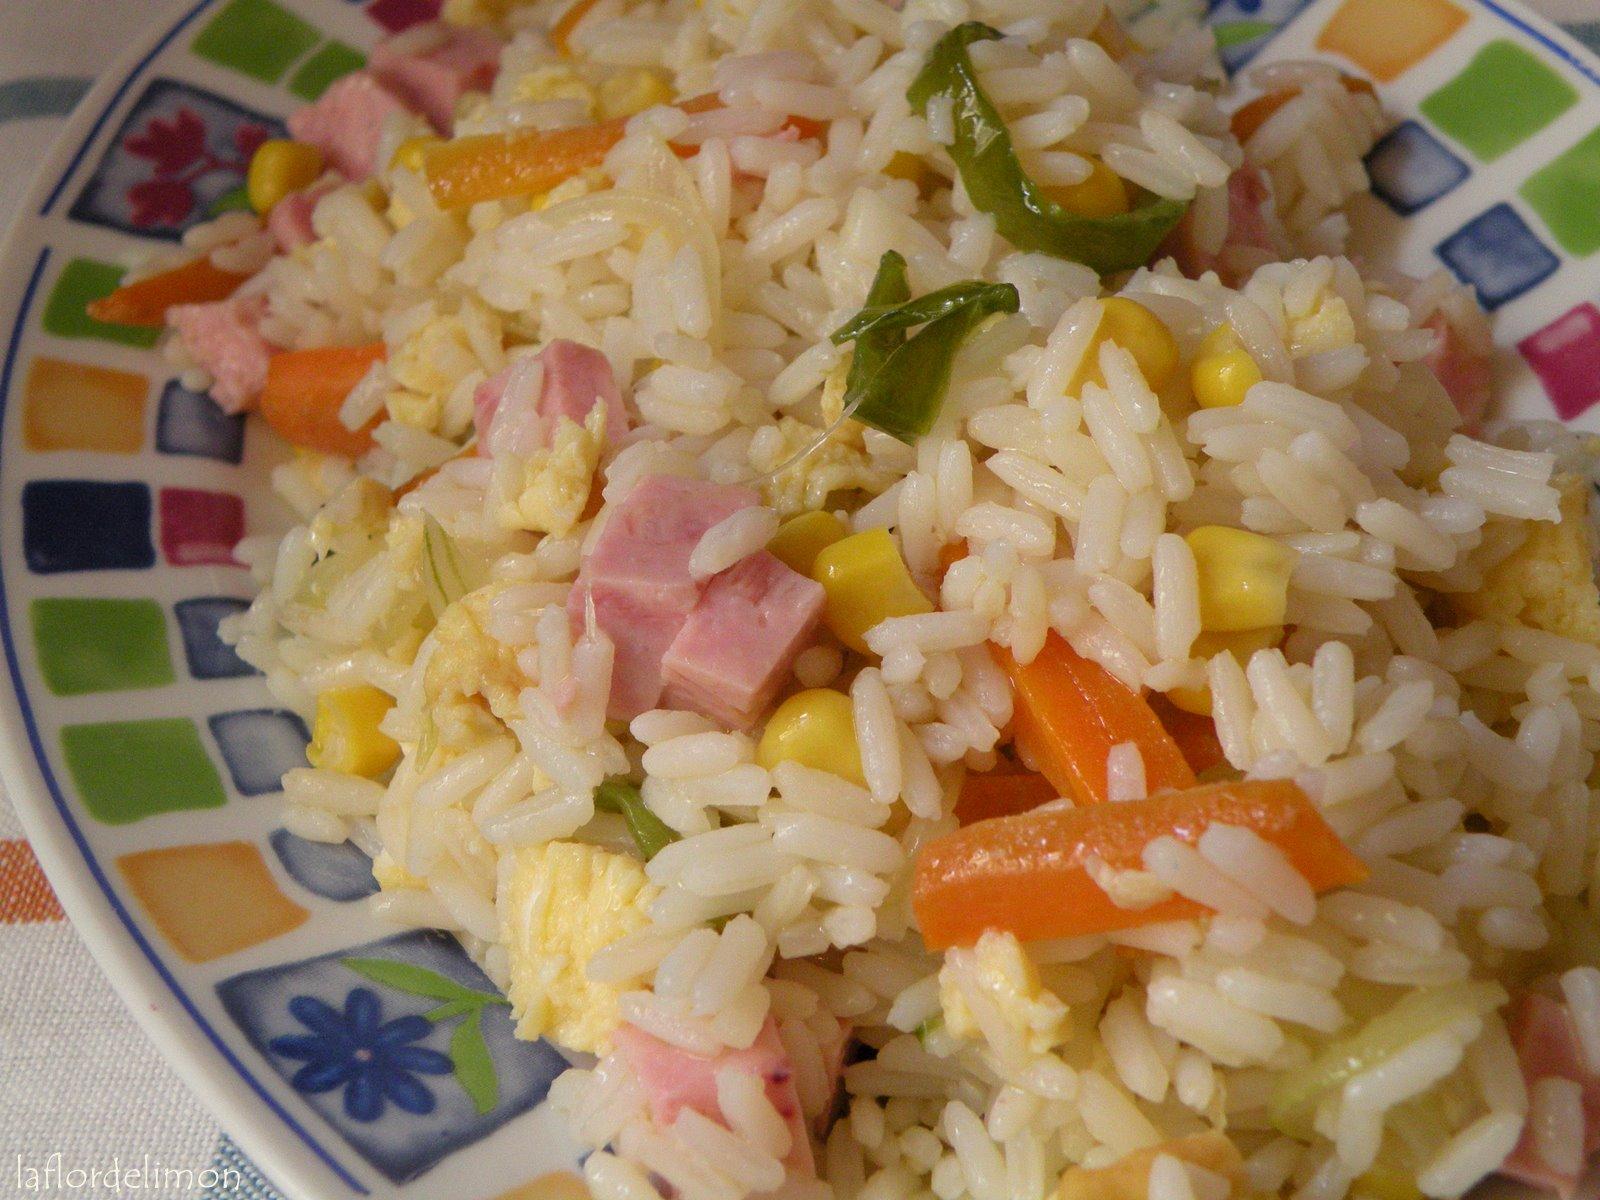 La flor de lim n arroz 3 delicias for Cocinar arroz 3 delicias